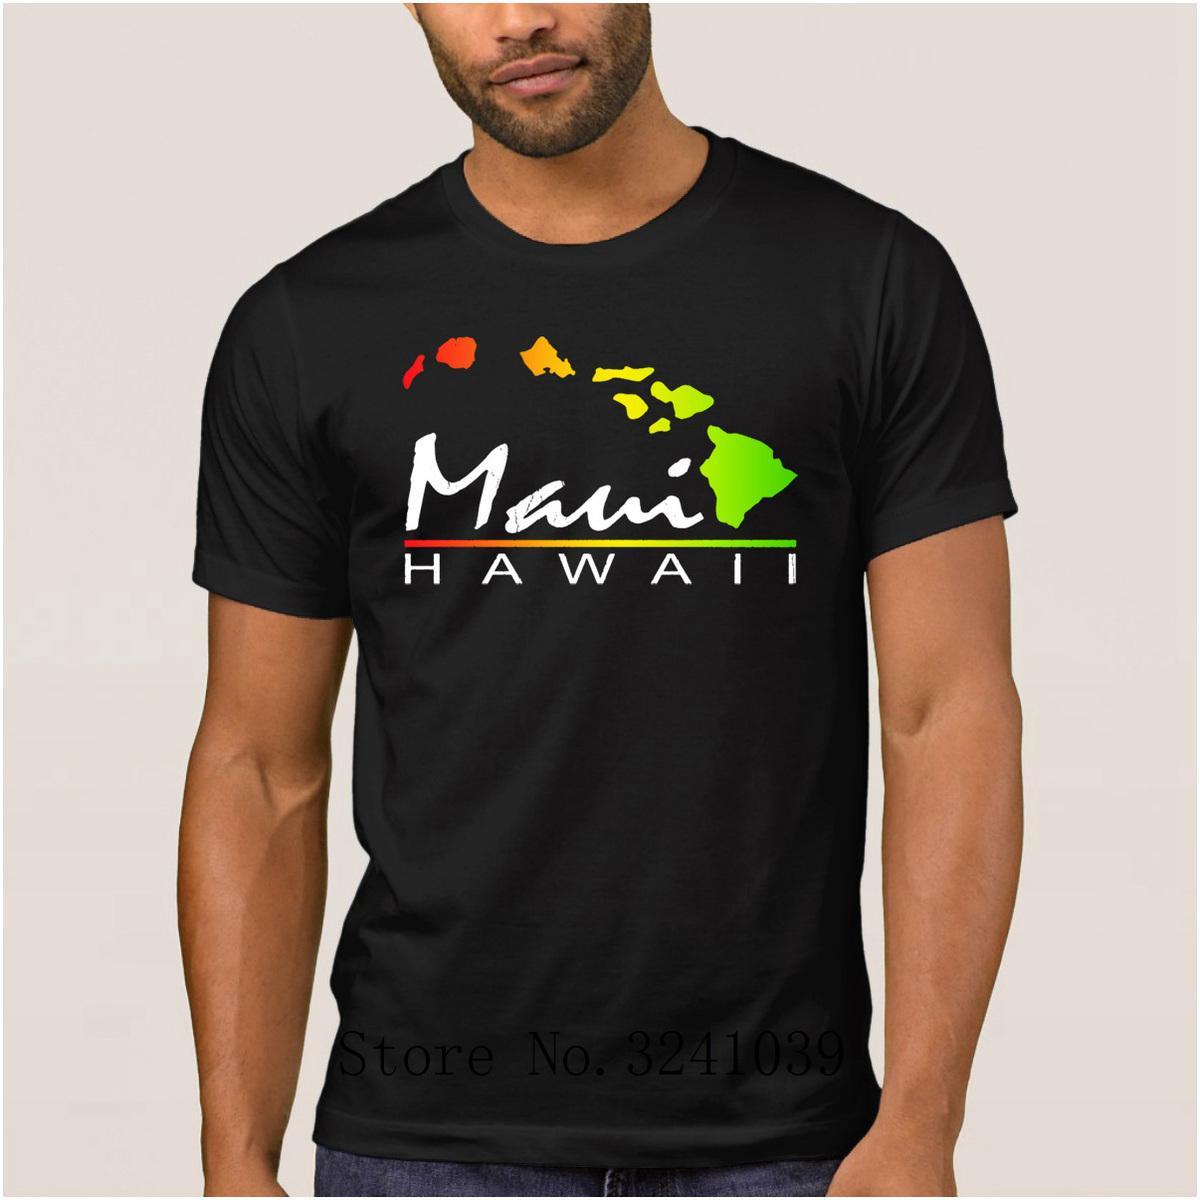 950c68d37 Compre La Maxpa Imprimir Casual Camiseta Maui Hawaii De Las Islas De Maui  Para Los Hombres Verano Camiseta Antiarrugas Camiseta Regular Original 100%  ...